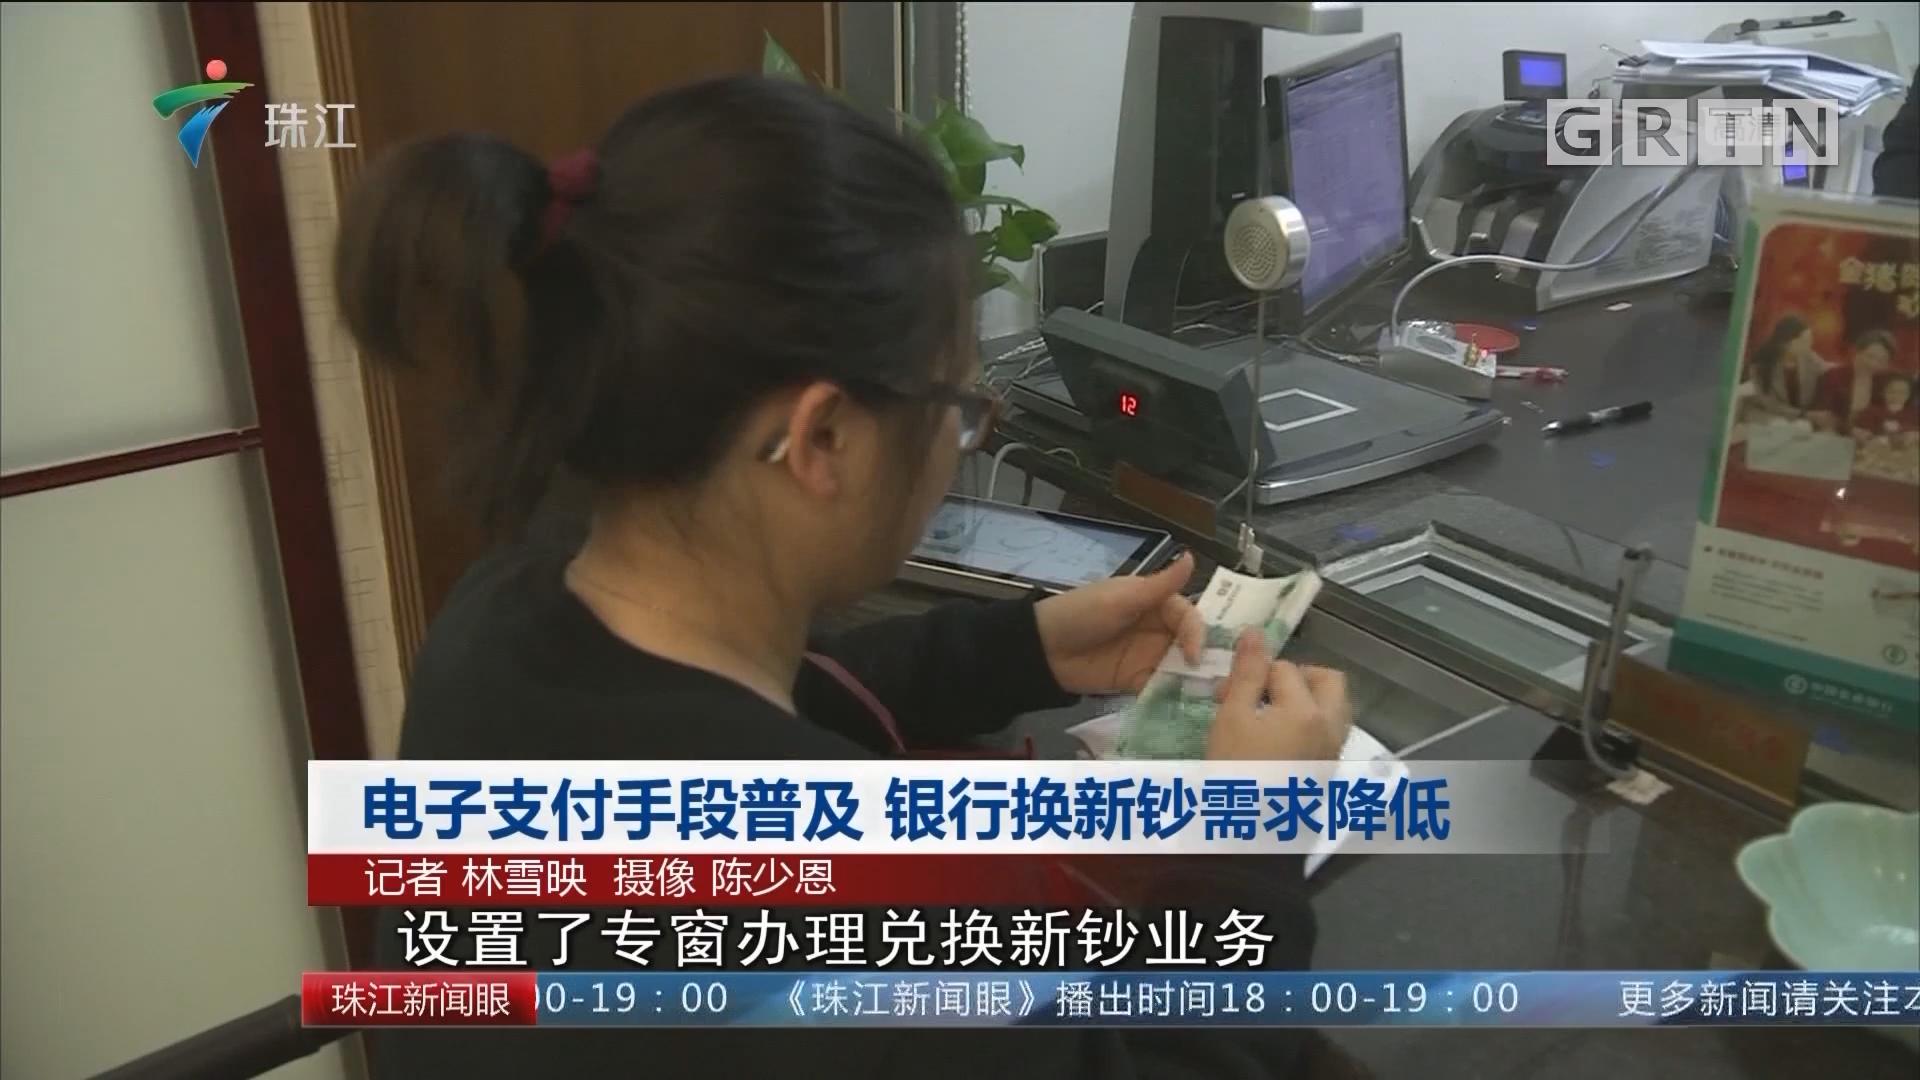 电子支付手段普及 银行换新钞需求降低